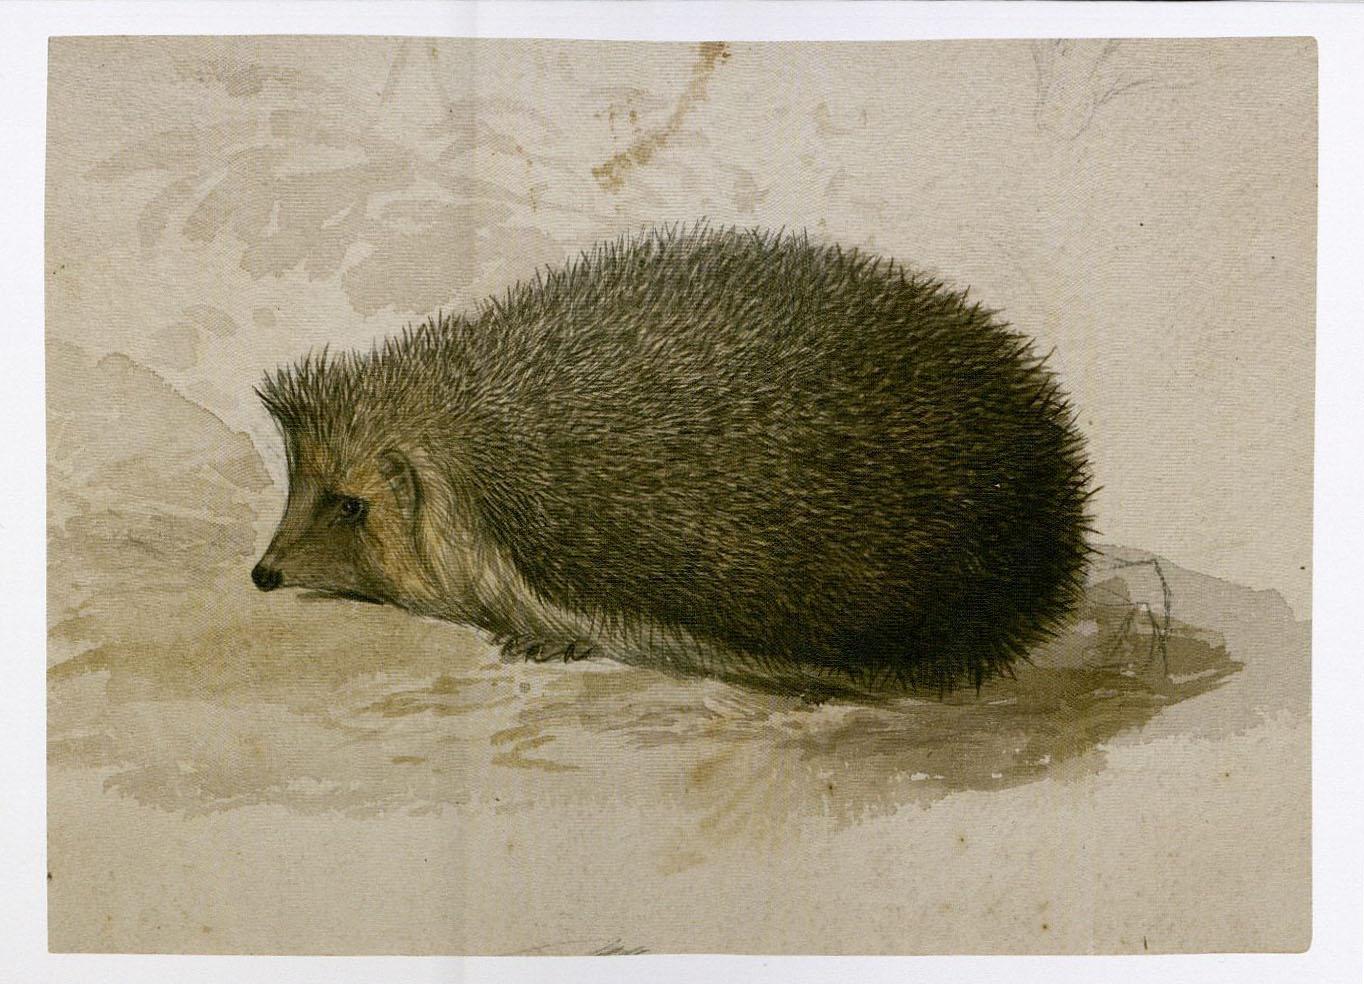 Edward Lear. Hedgehog. MS Typ 55.12 (8)